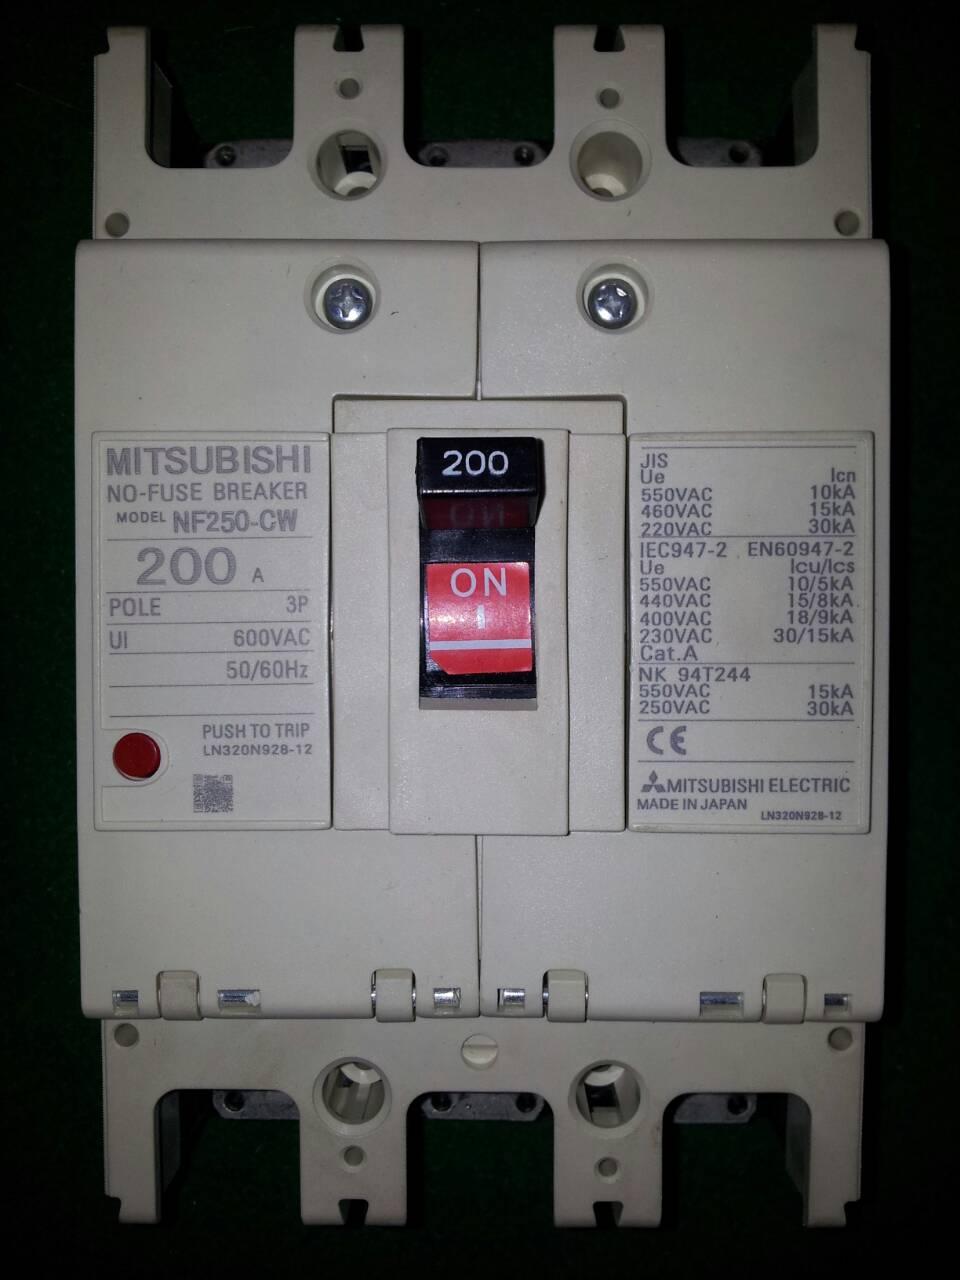 มิตซู เบรกเกอร์ 200A  3สาย